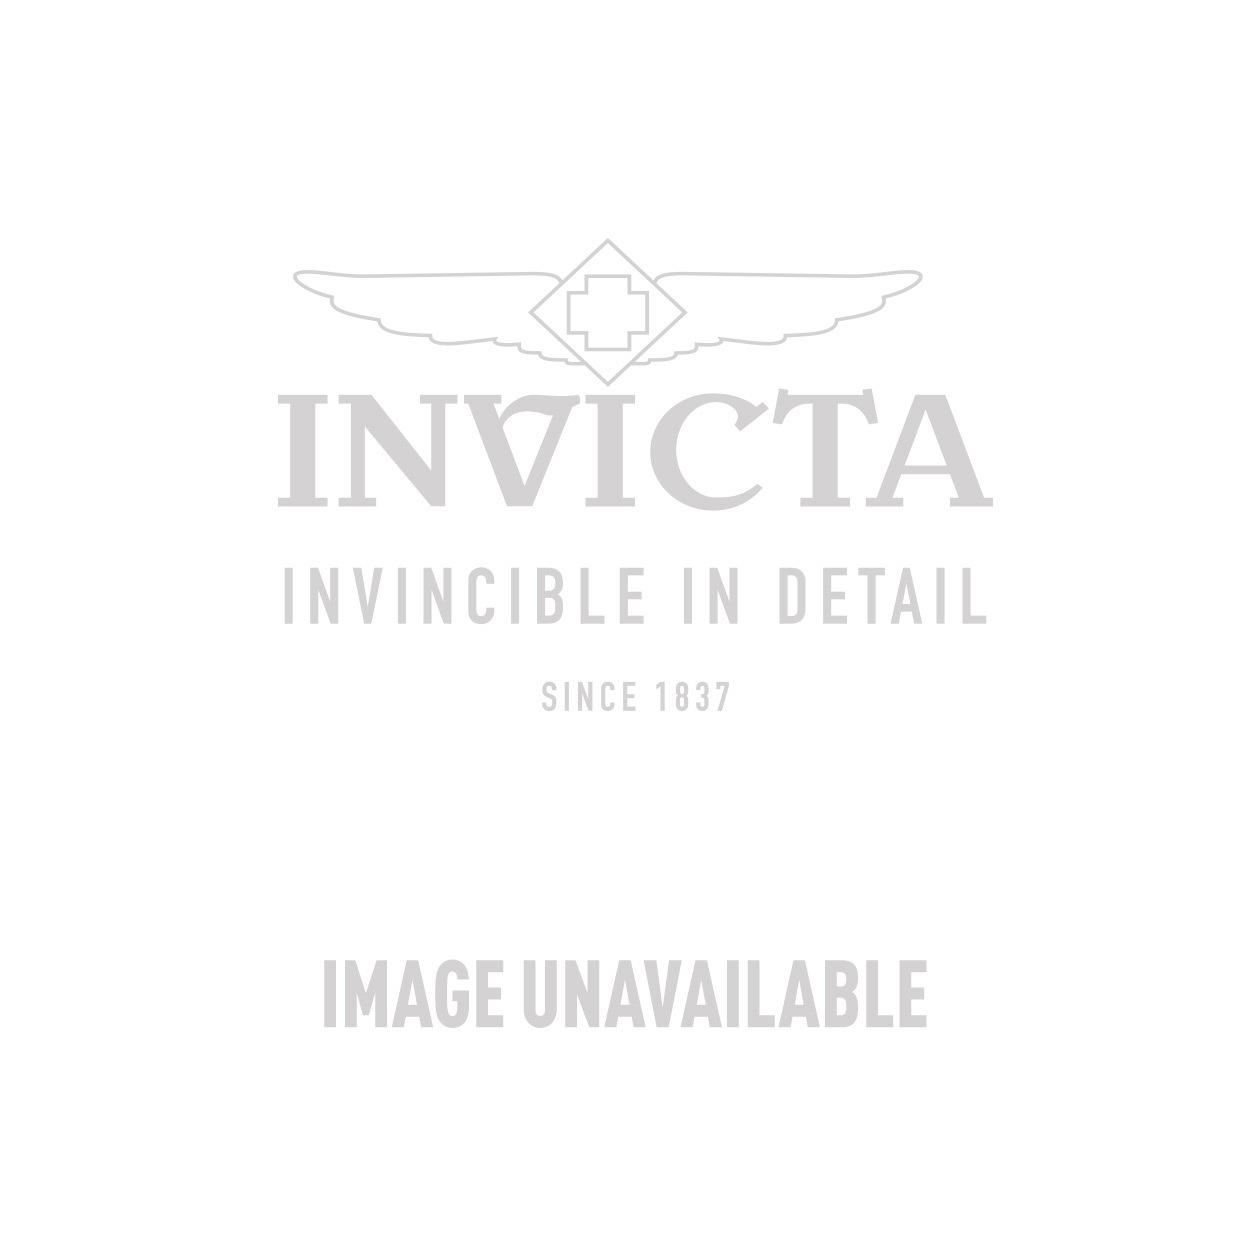 Invicta Model 25065